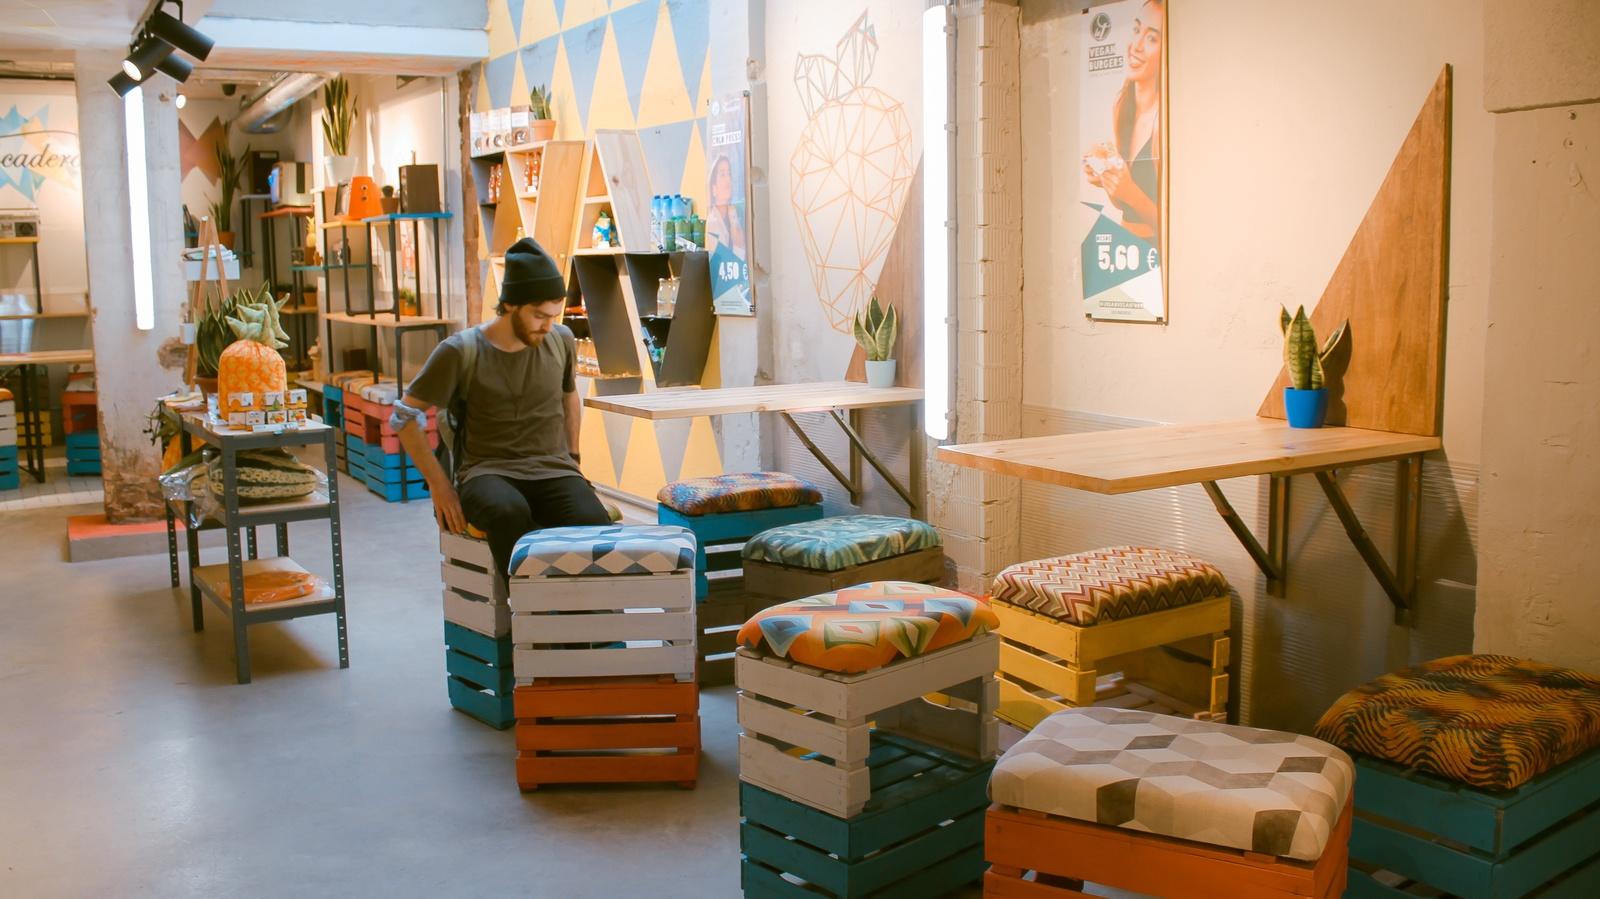 Arredamento Con Materiale Riciclato : Materiali per locali: le mille e una storia